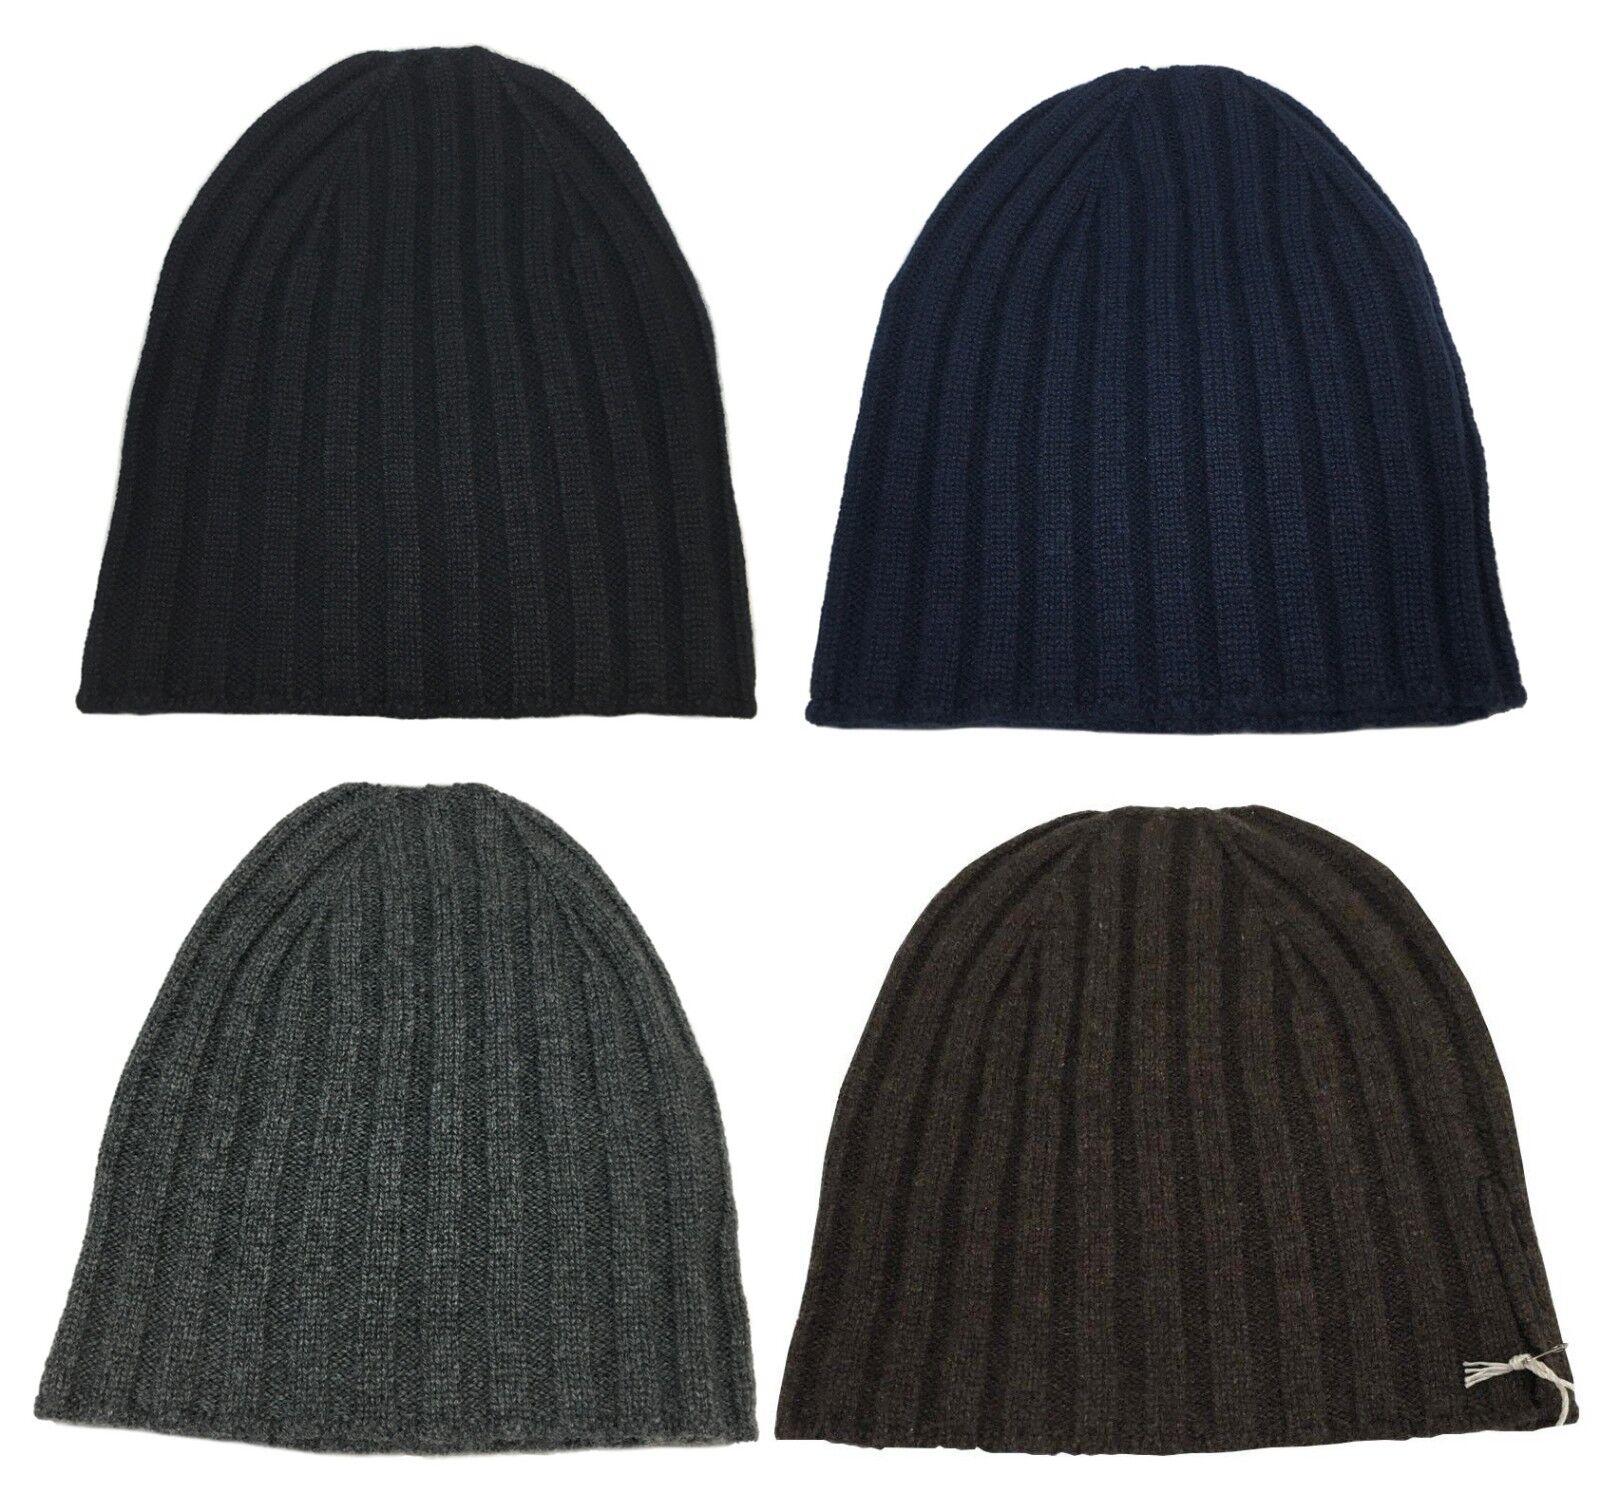 DELLA CIANA cappello uomo a coste 100/% cashmere 2//28 art 07922 MADE IN ITALY